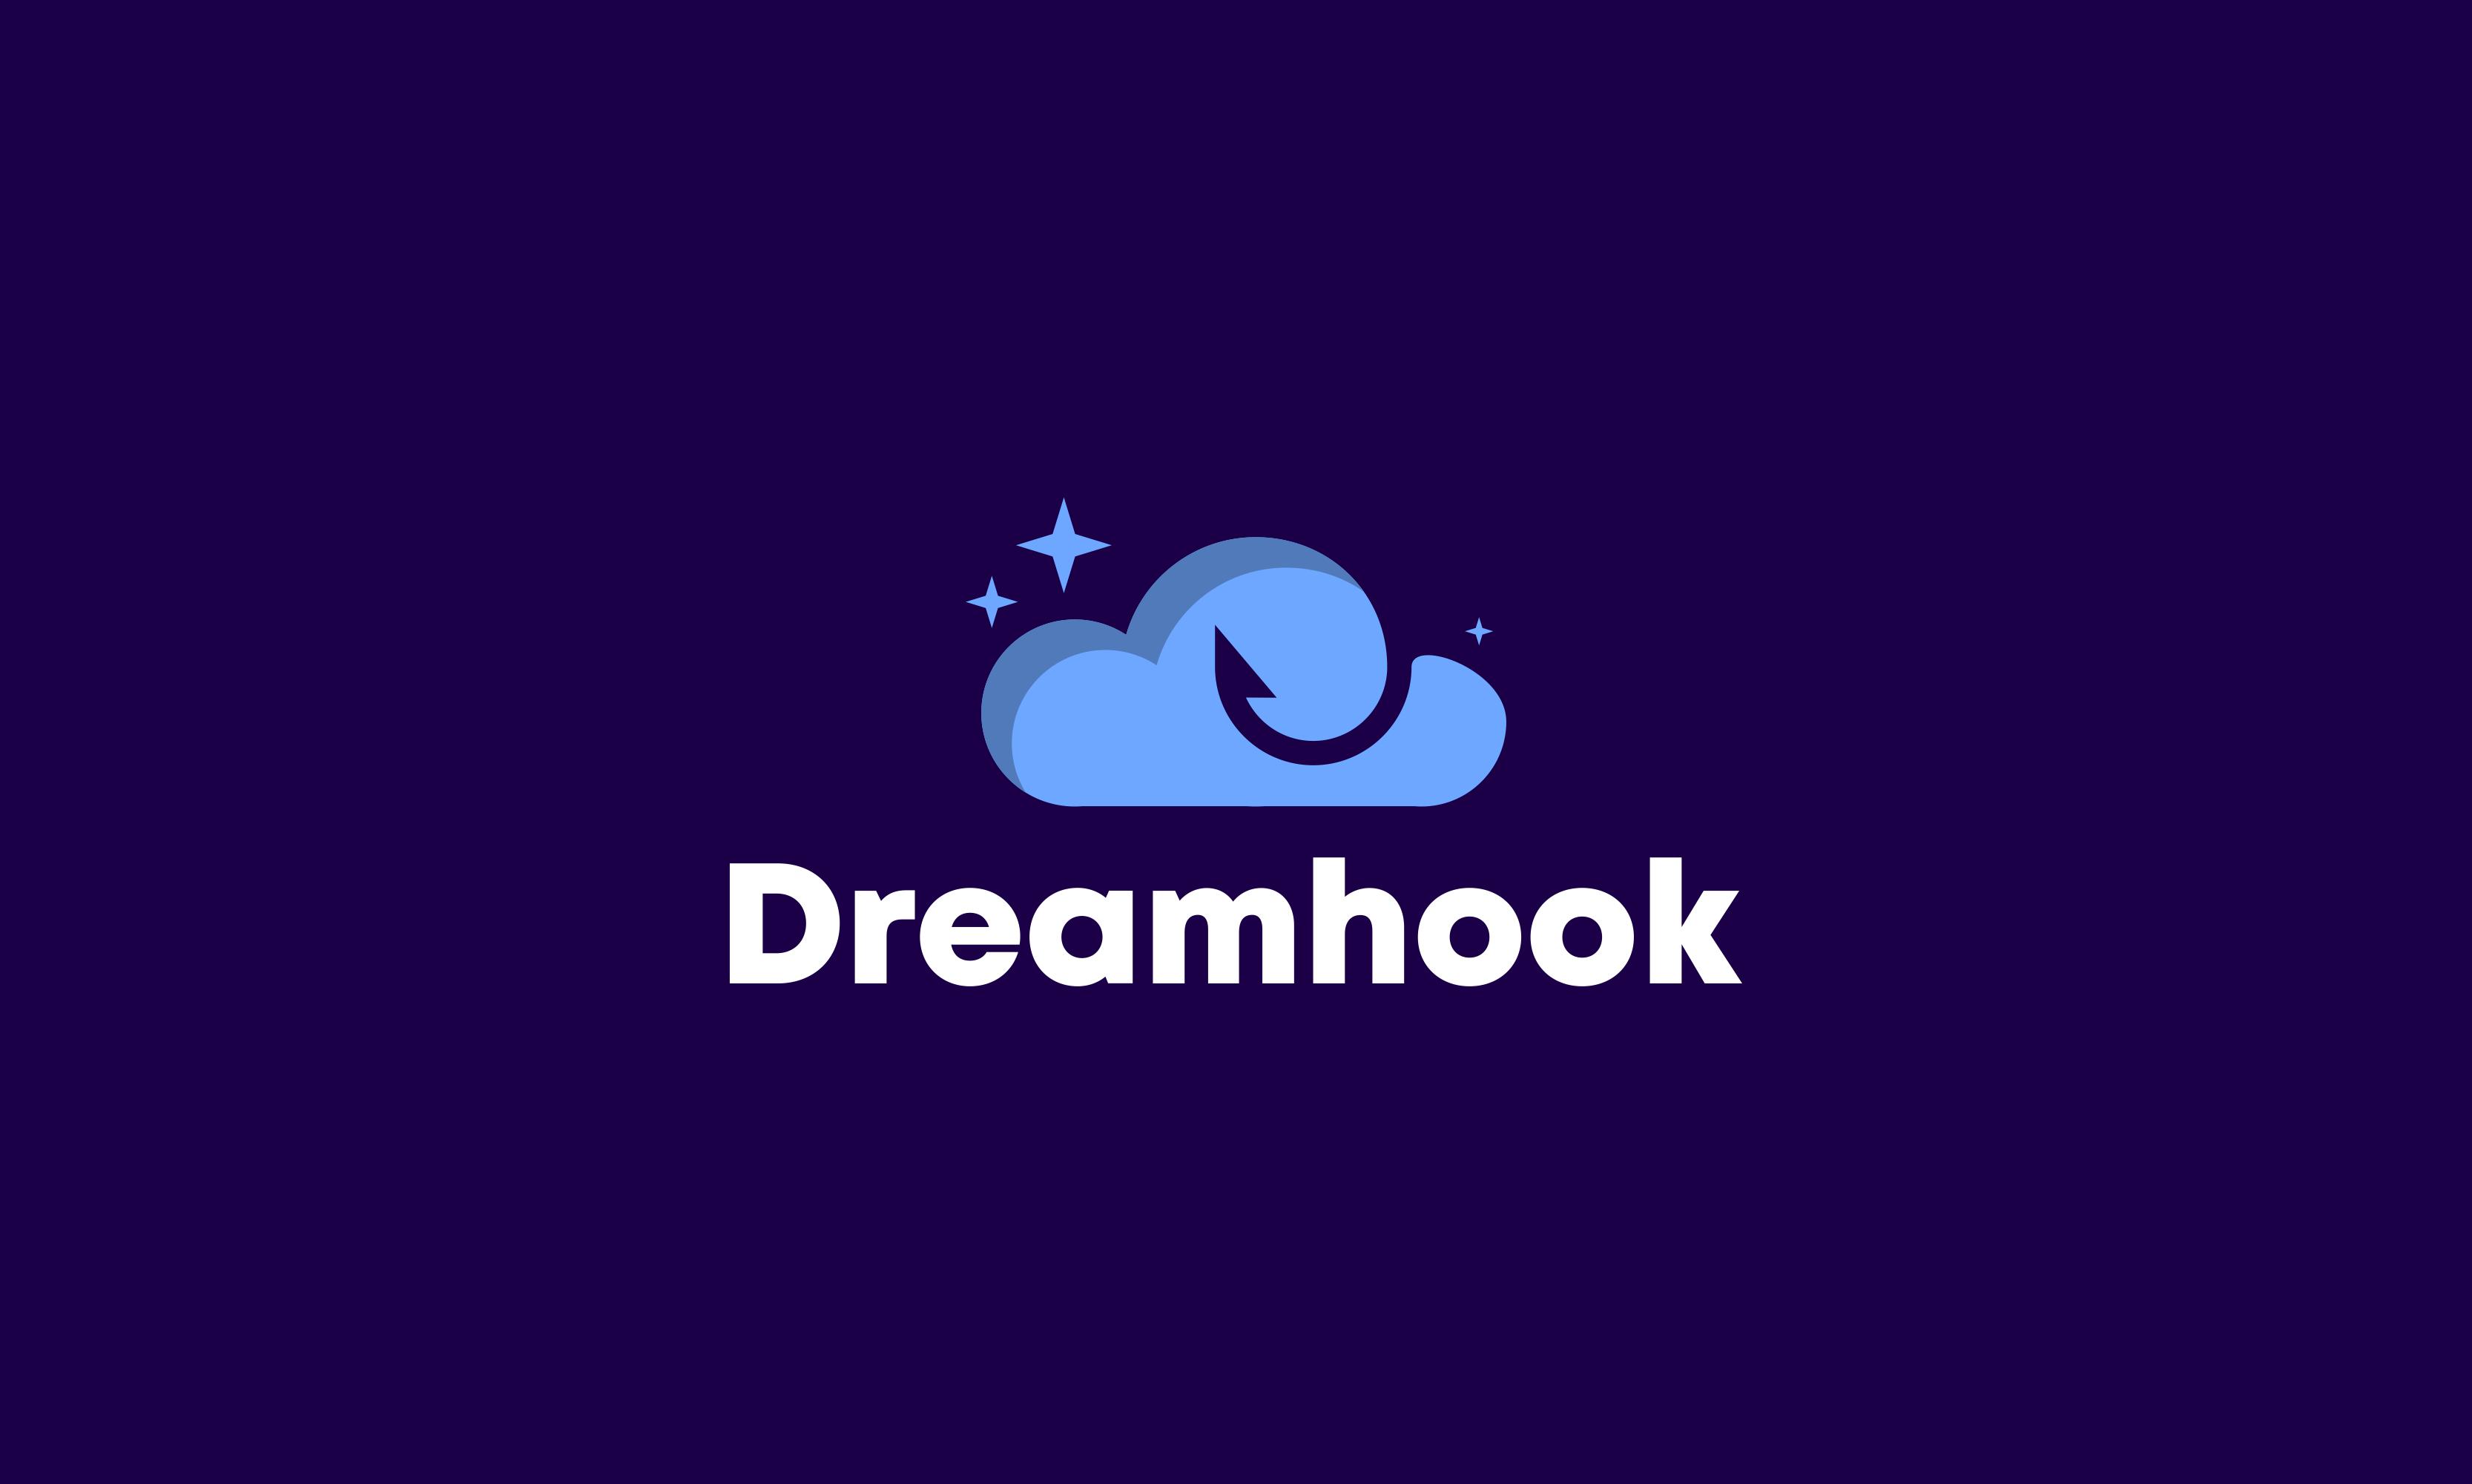 Dreamhook